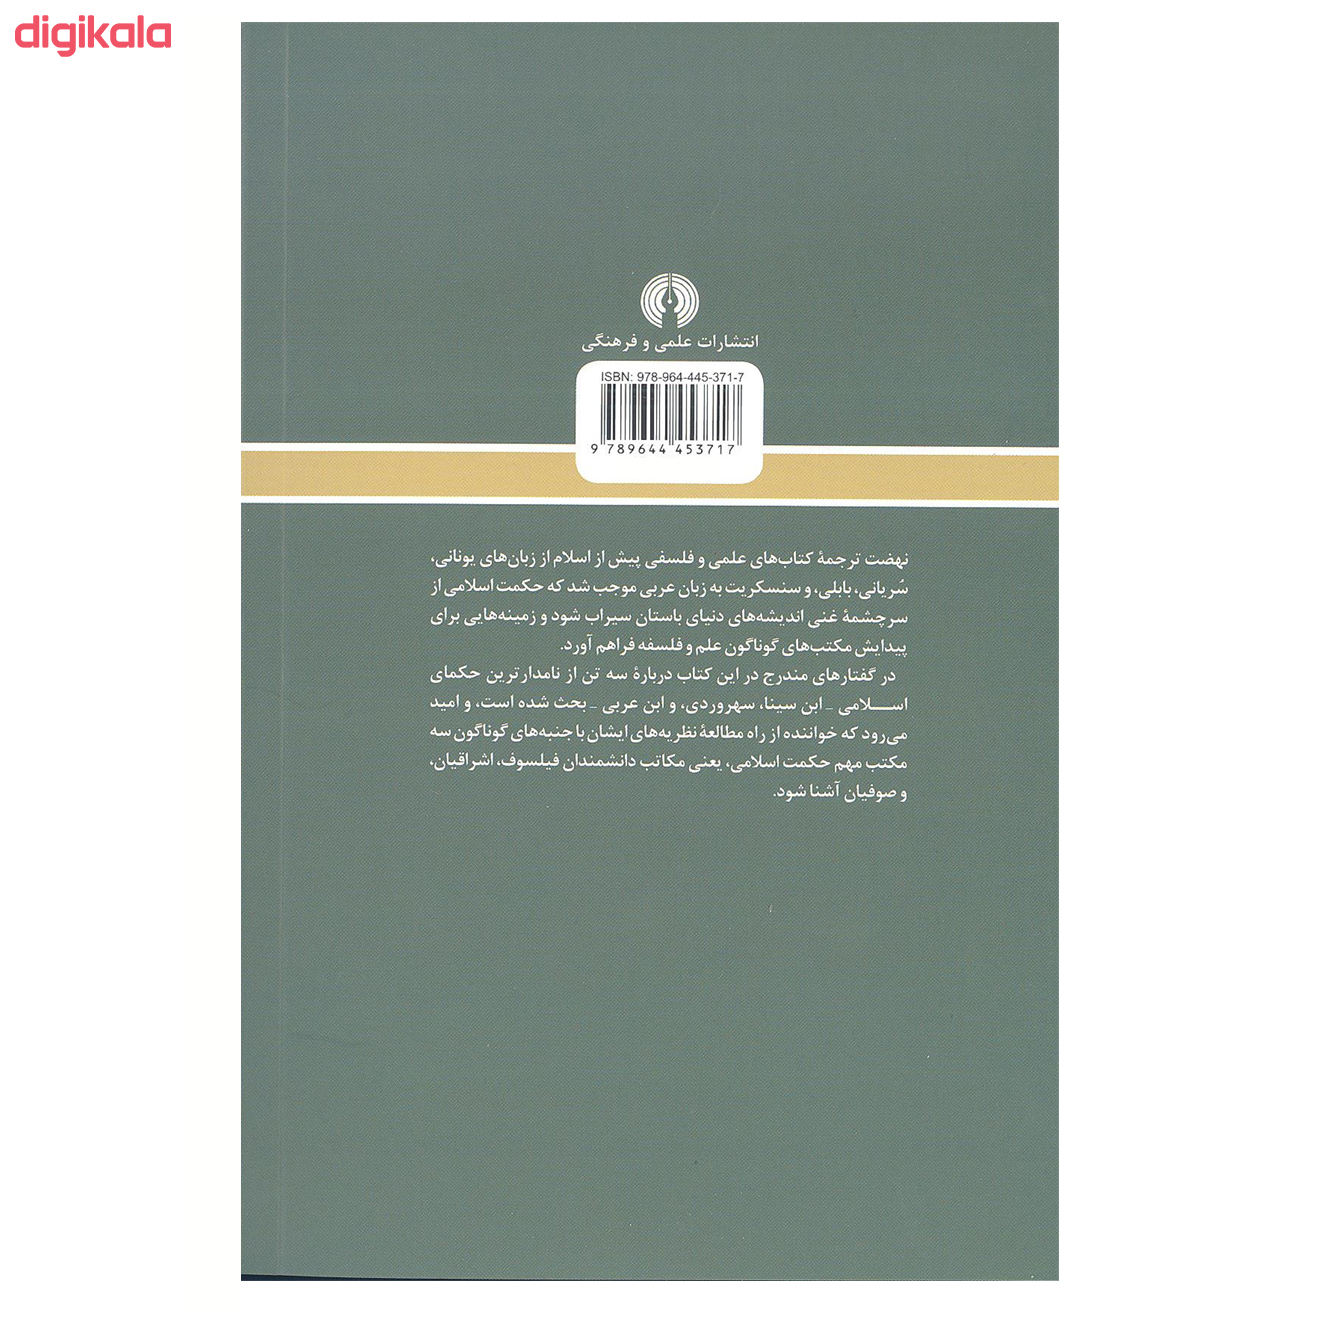 کتاب سه حکیم مسلمان اثر سید حسین نصر نشر علمی و فرهنگی main 1 1